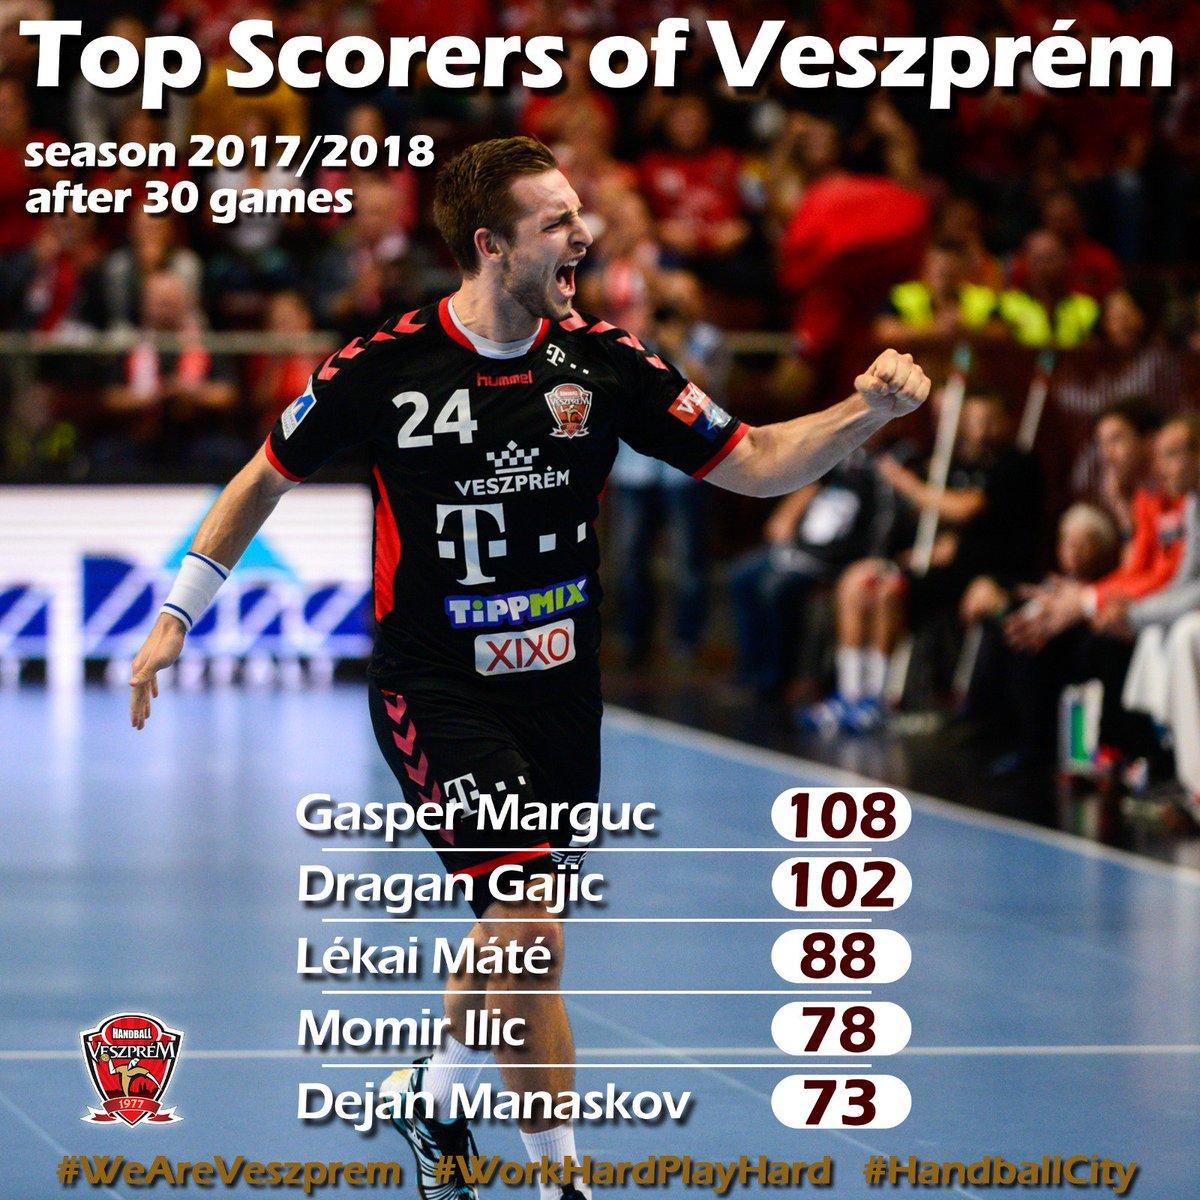 #HandballCity #WeAreVeszprem #WorkHardPlayHard https://t.co/BumEjosAyx